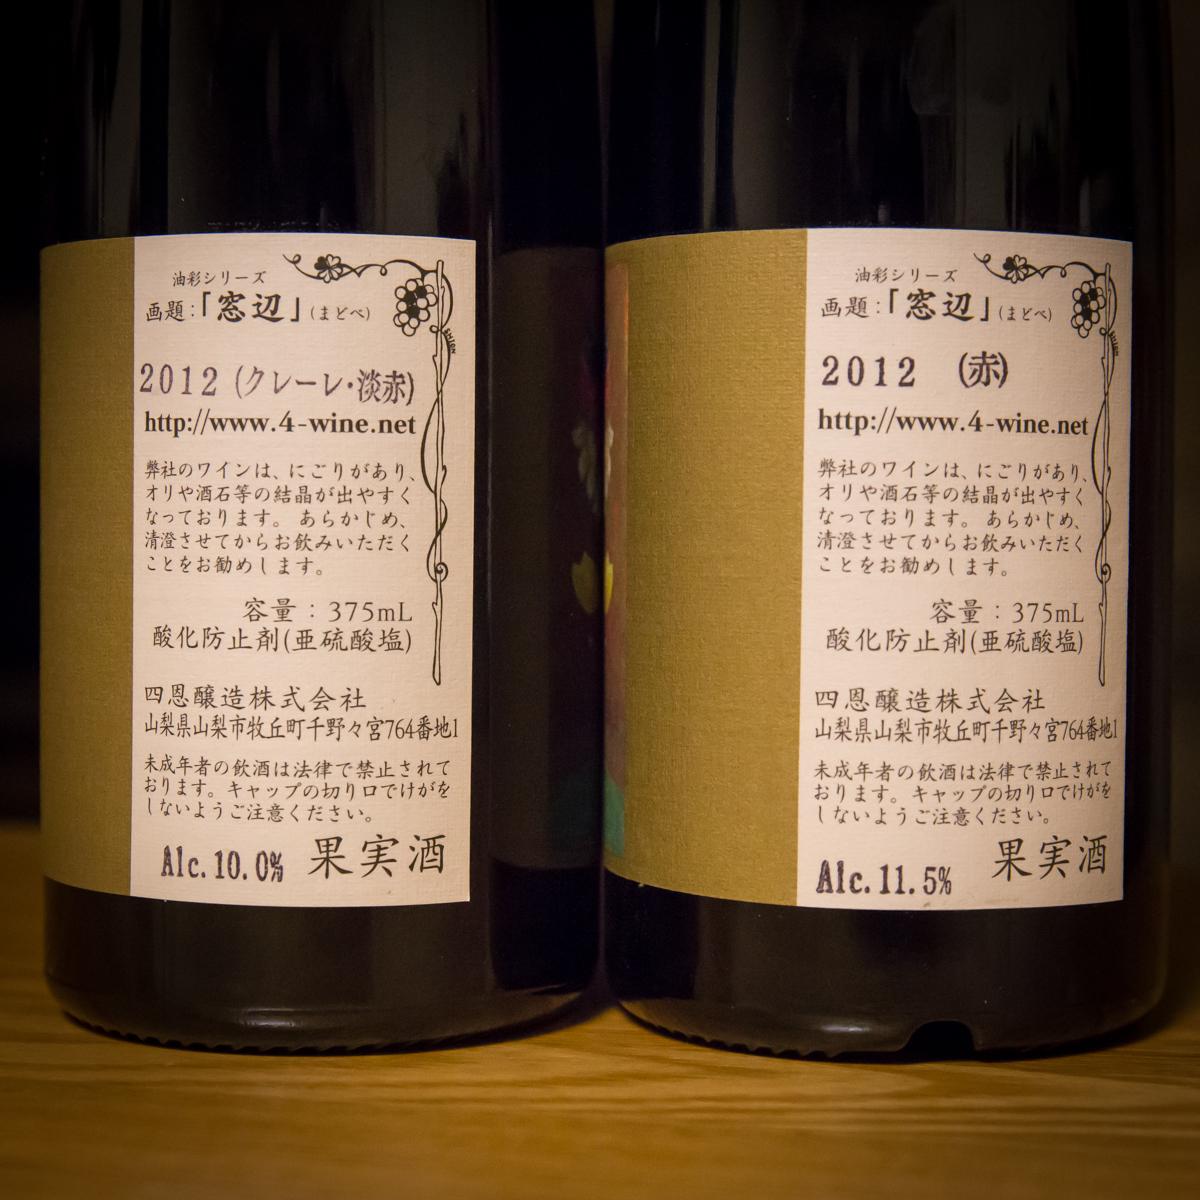 年始呑んだくれワイン(3)